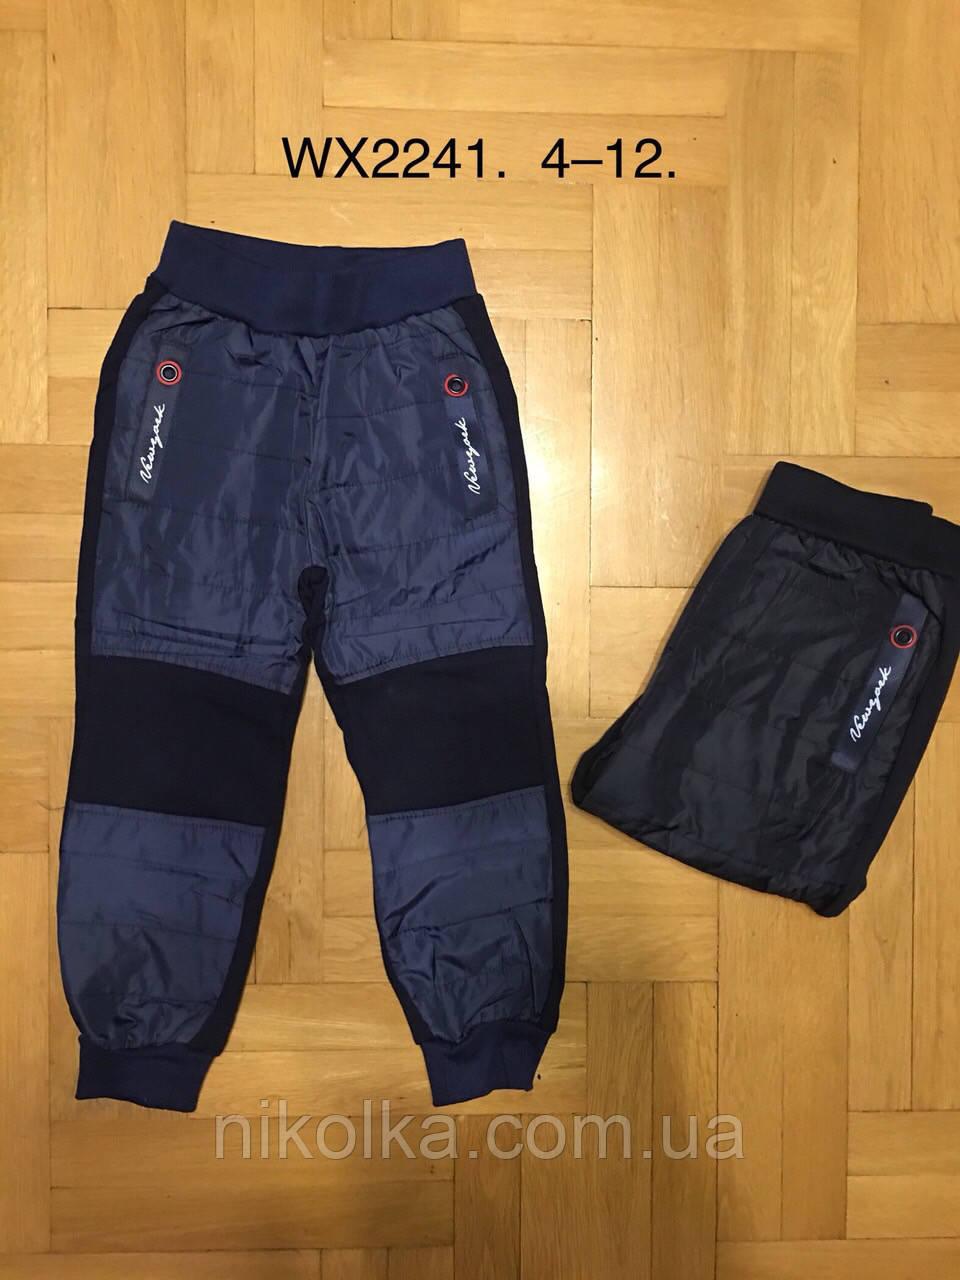 Спортивные брюки на меху для мальчиков оптом, F&D, 4-12 лет., арт. WX-2241